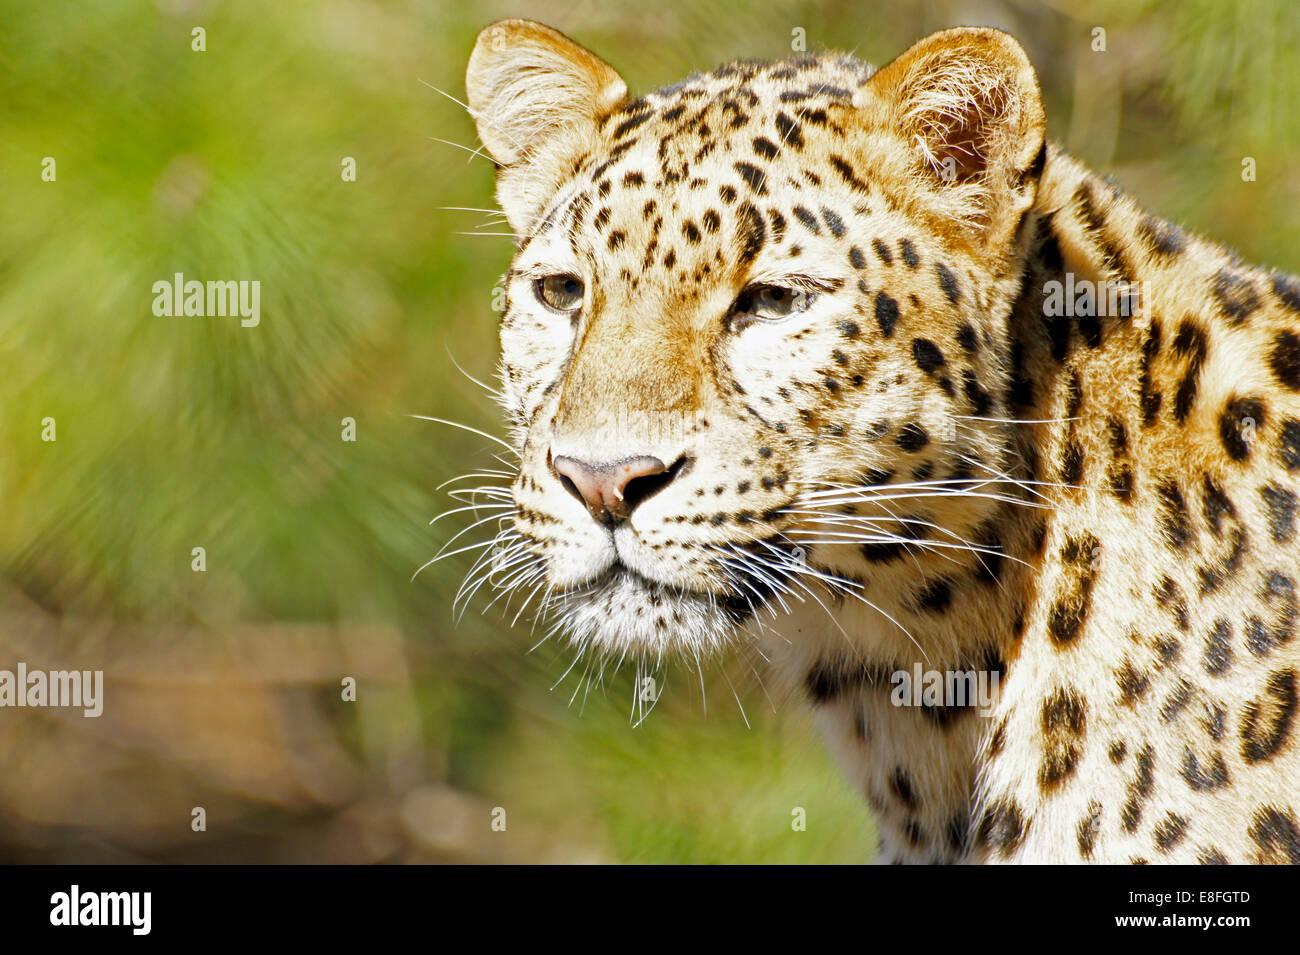 Leopard Standing Looking Animal Stockfotos  Leopard Standing